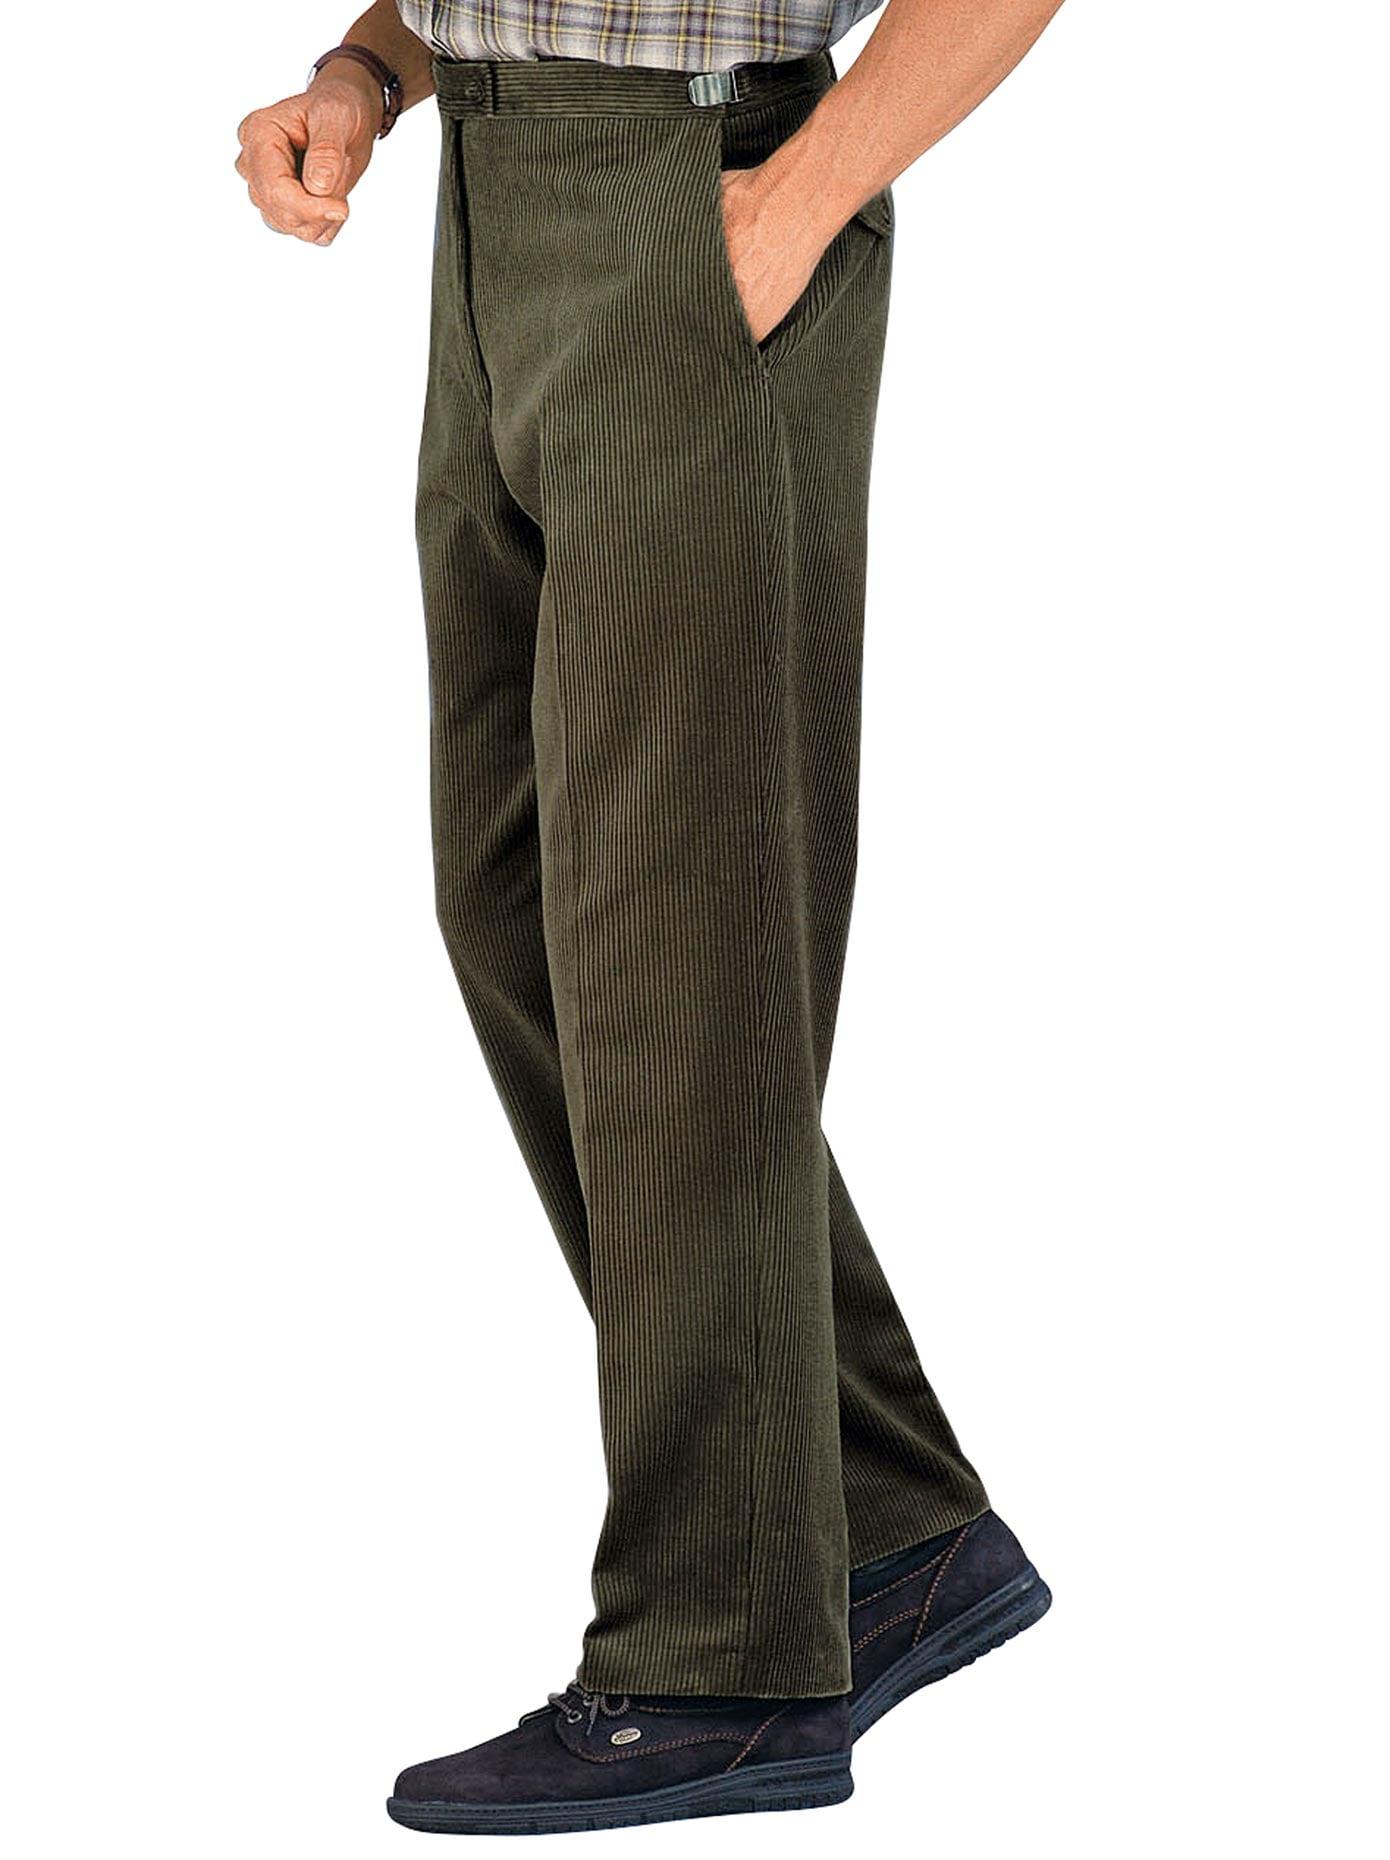 Classic Autofahrer-Hose aus dehnbarem Stretchcord | Bekleidung > Hosen > Sonstige Hosen | Classic